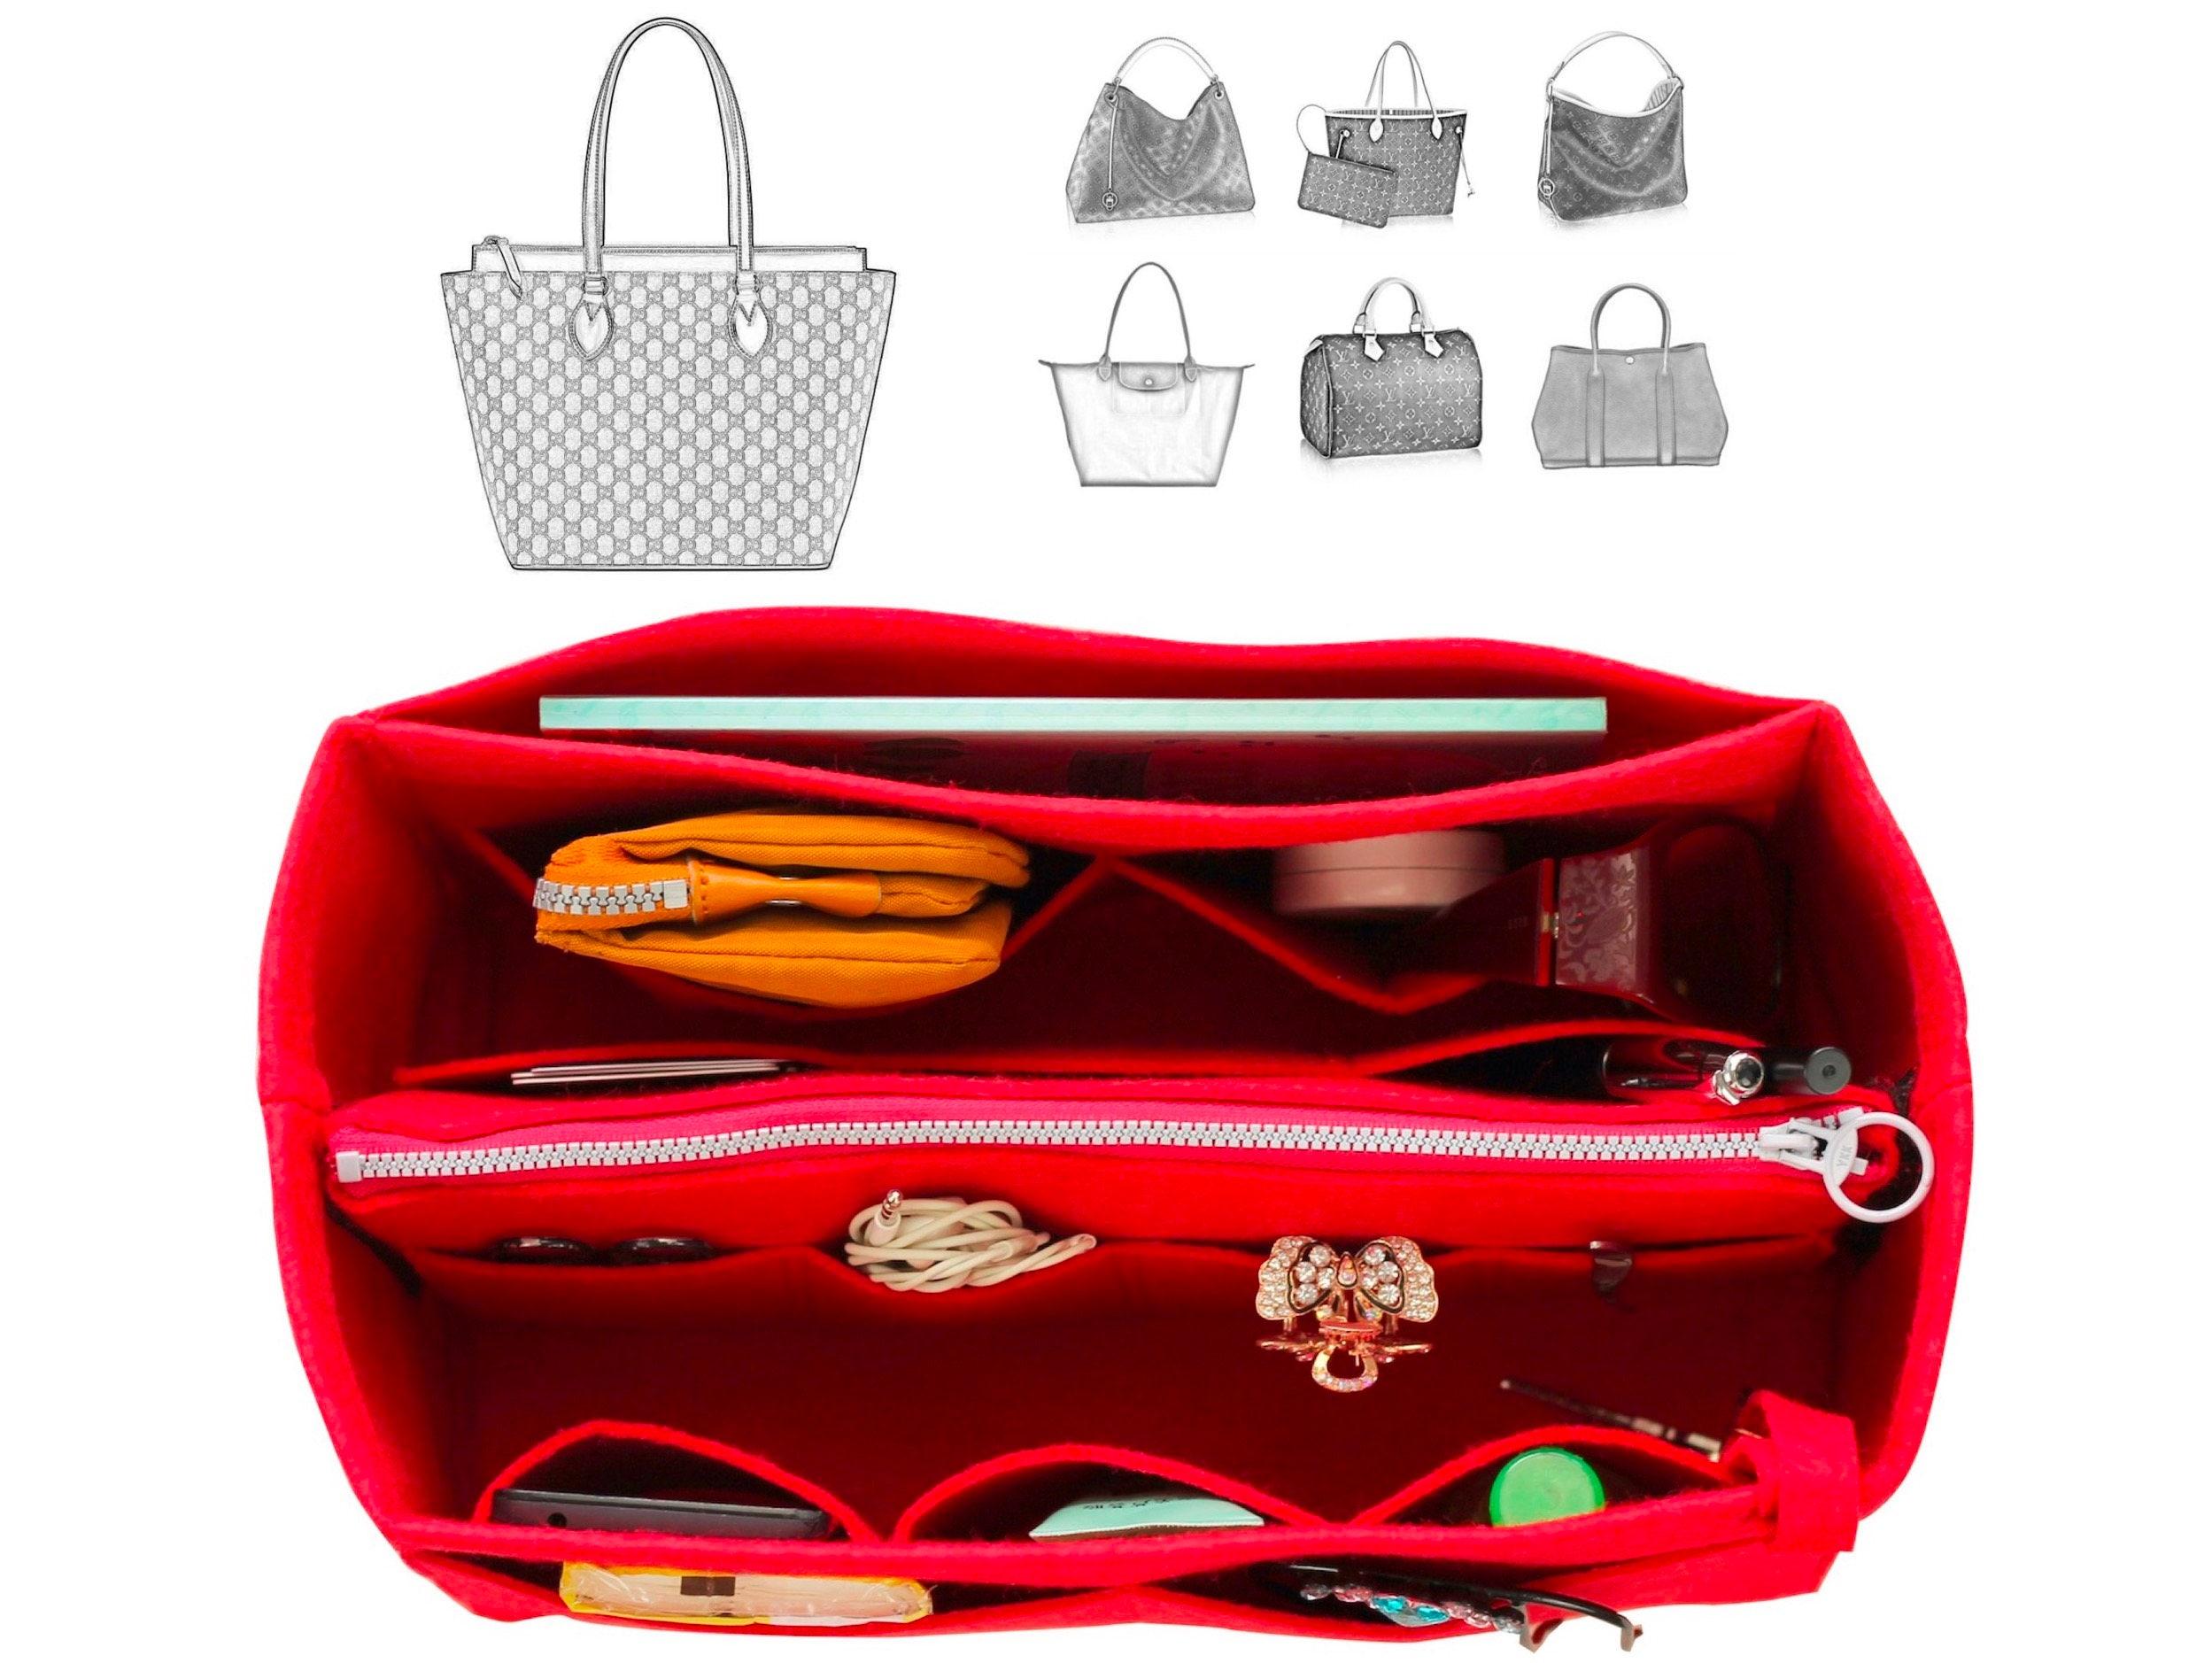 Tory. Buch Organizer (w  Detachable Zipper Bag) 7742b20f84c7b